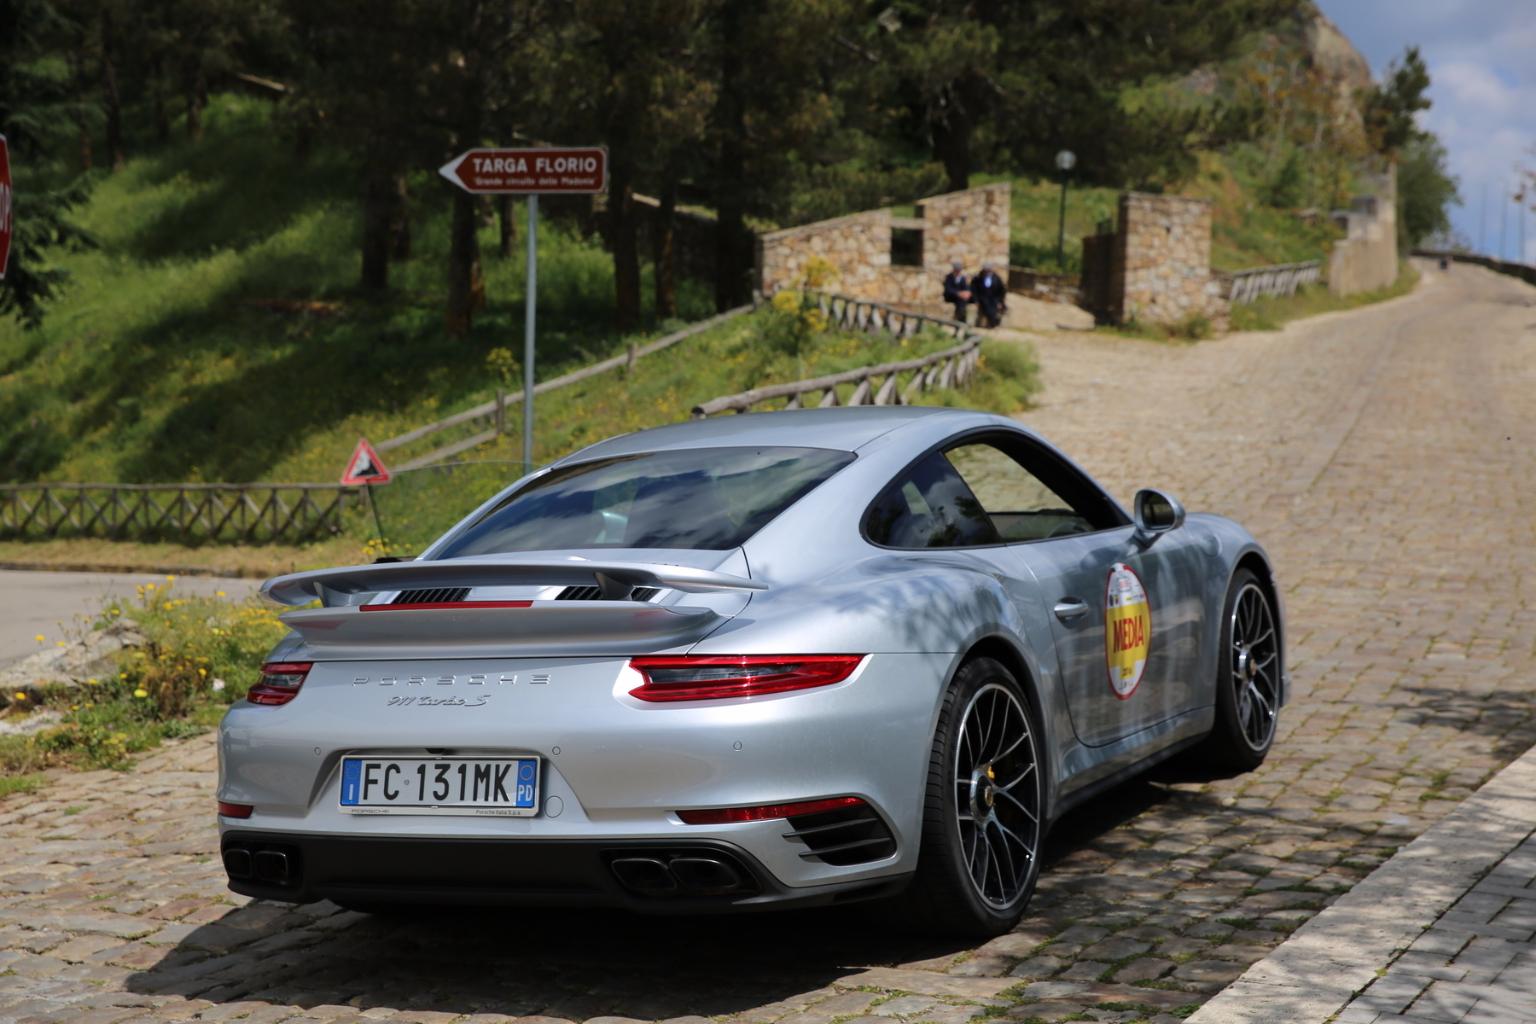 Porsche-Targa-Florio-010